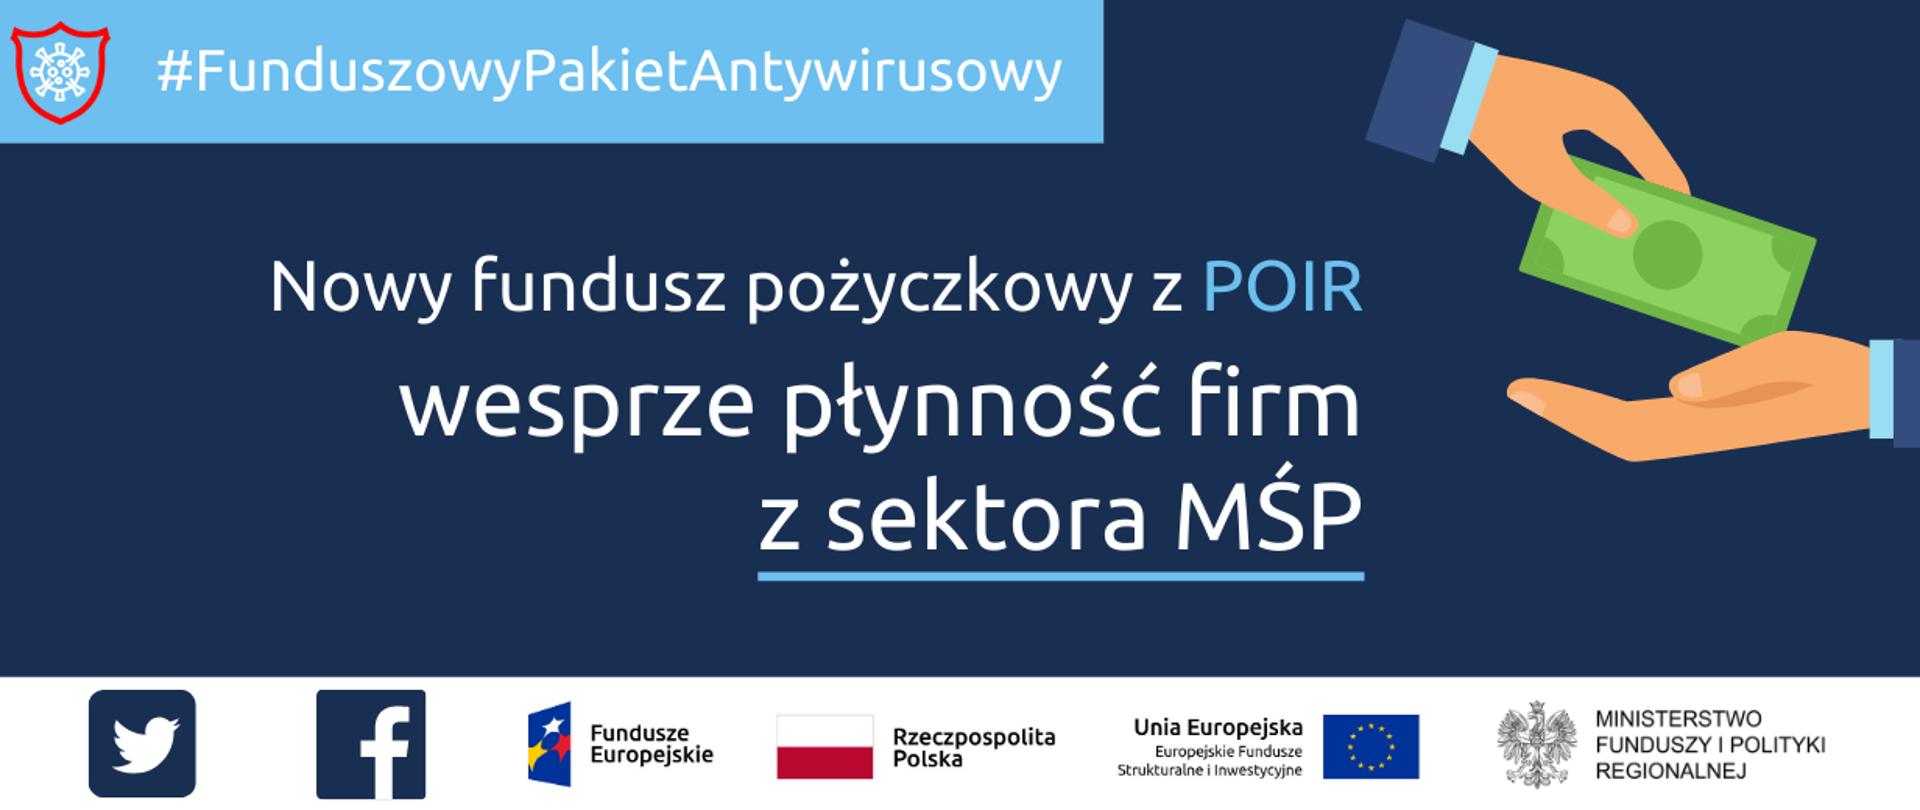 Tekst: Funduszowy Pakiet Antywirusowy. Nowy fundusz pożyczkowy z POIR wesprze płynność firm z sektora MŚP. Po lewej stronie grafika przedstawiająca dwie dłonie podające sobie banknot. Na dole unijne logotypy i flaga Polski